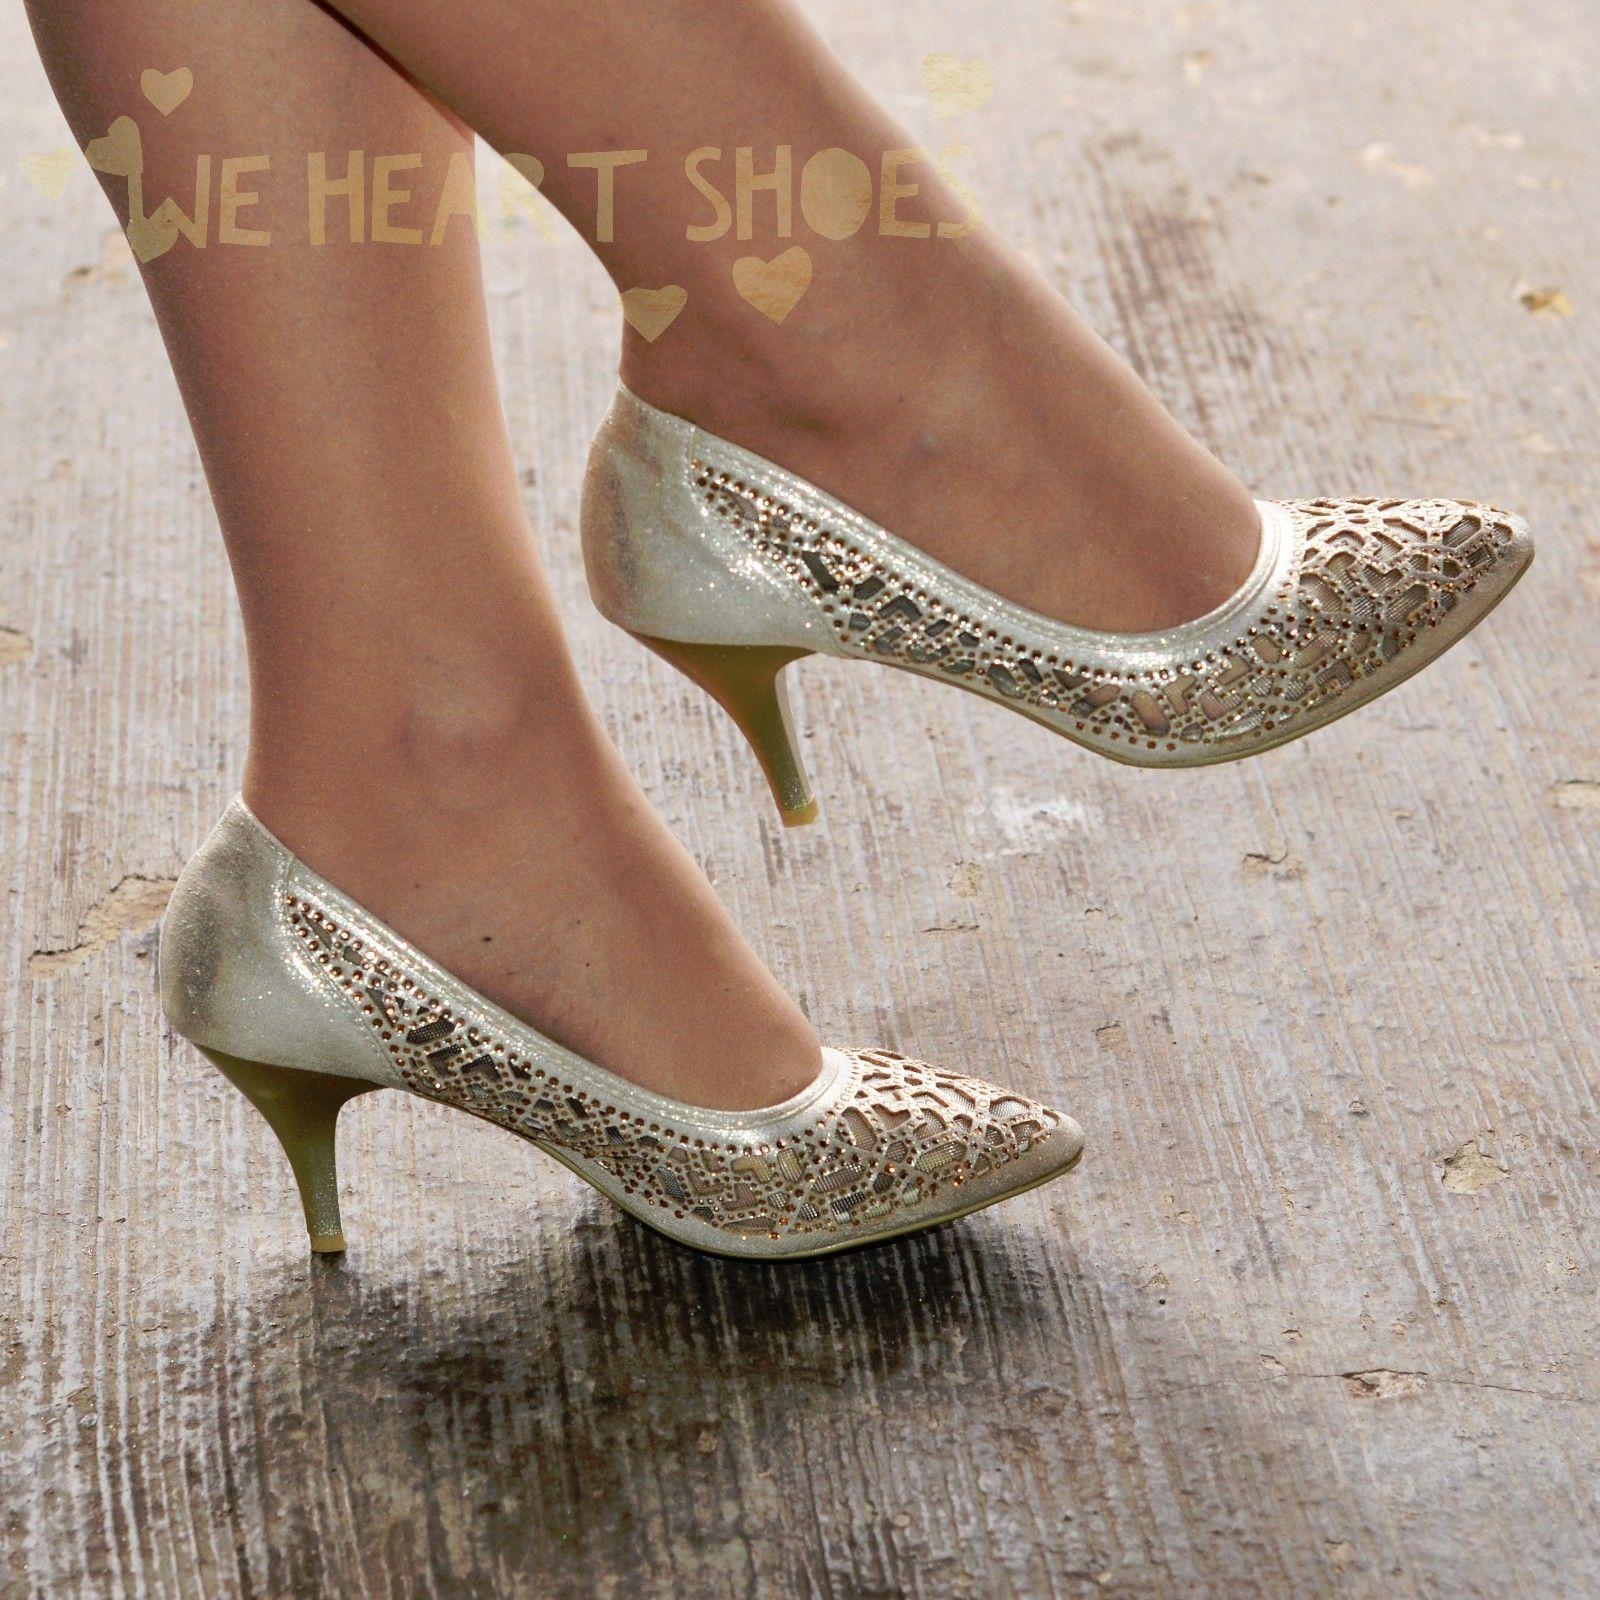 Stříbrné plesové střevíčky, sandálky - Obrázek č. 4